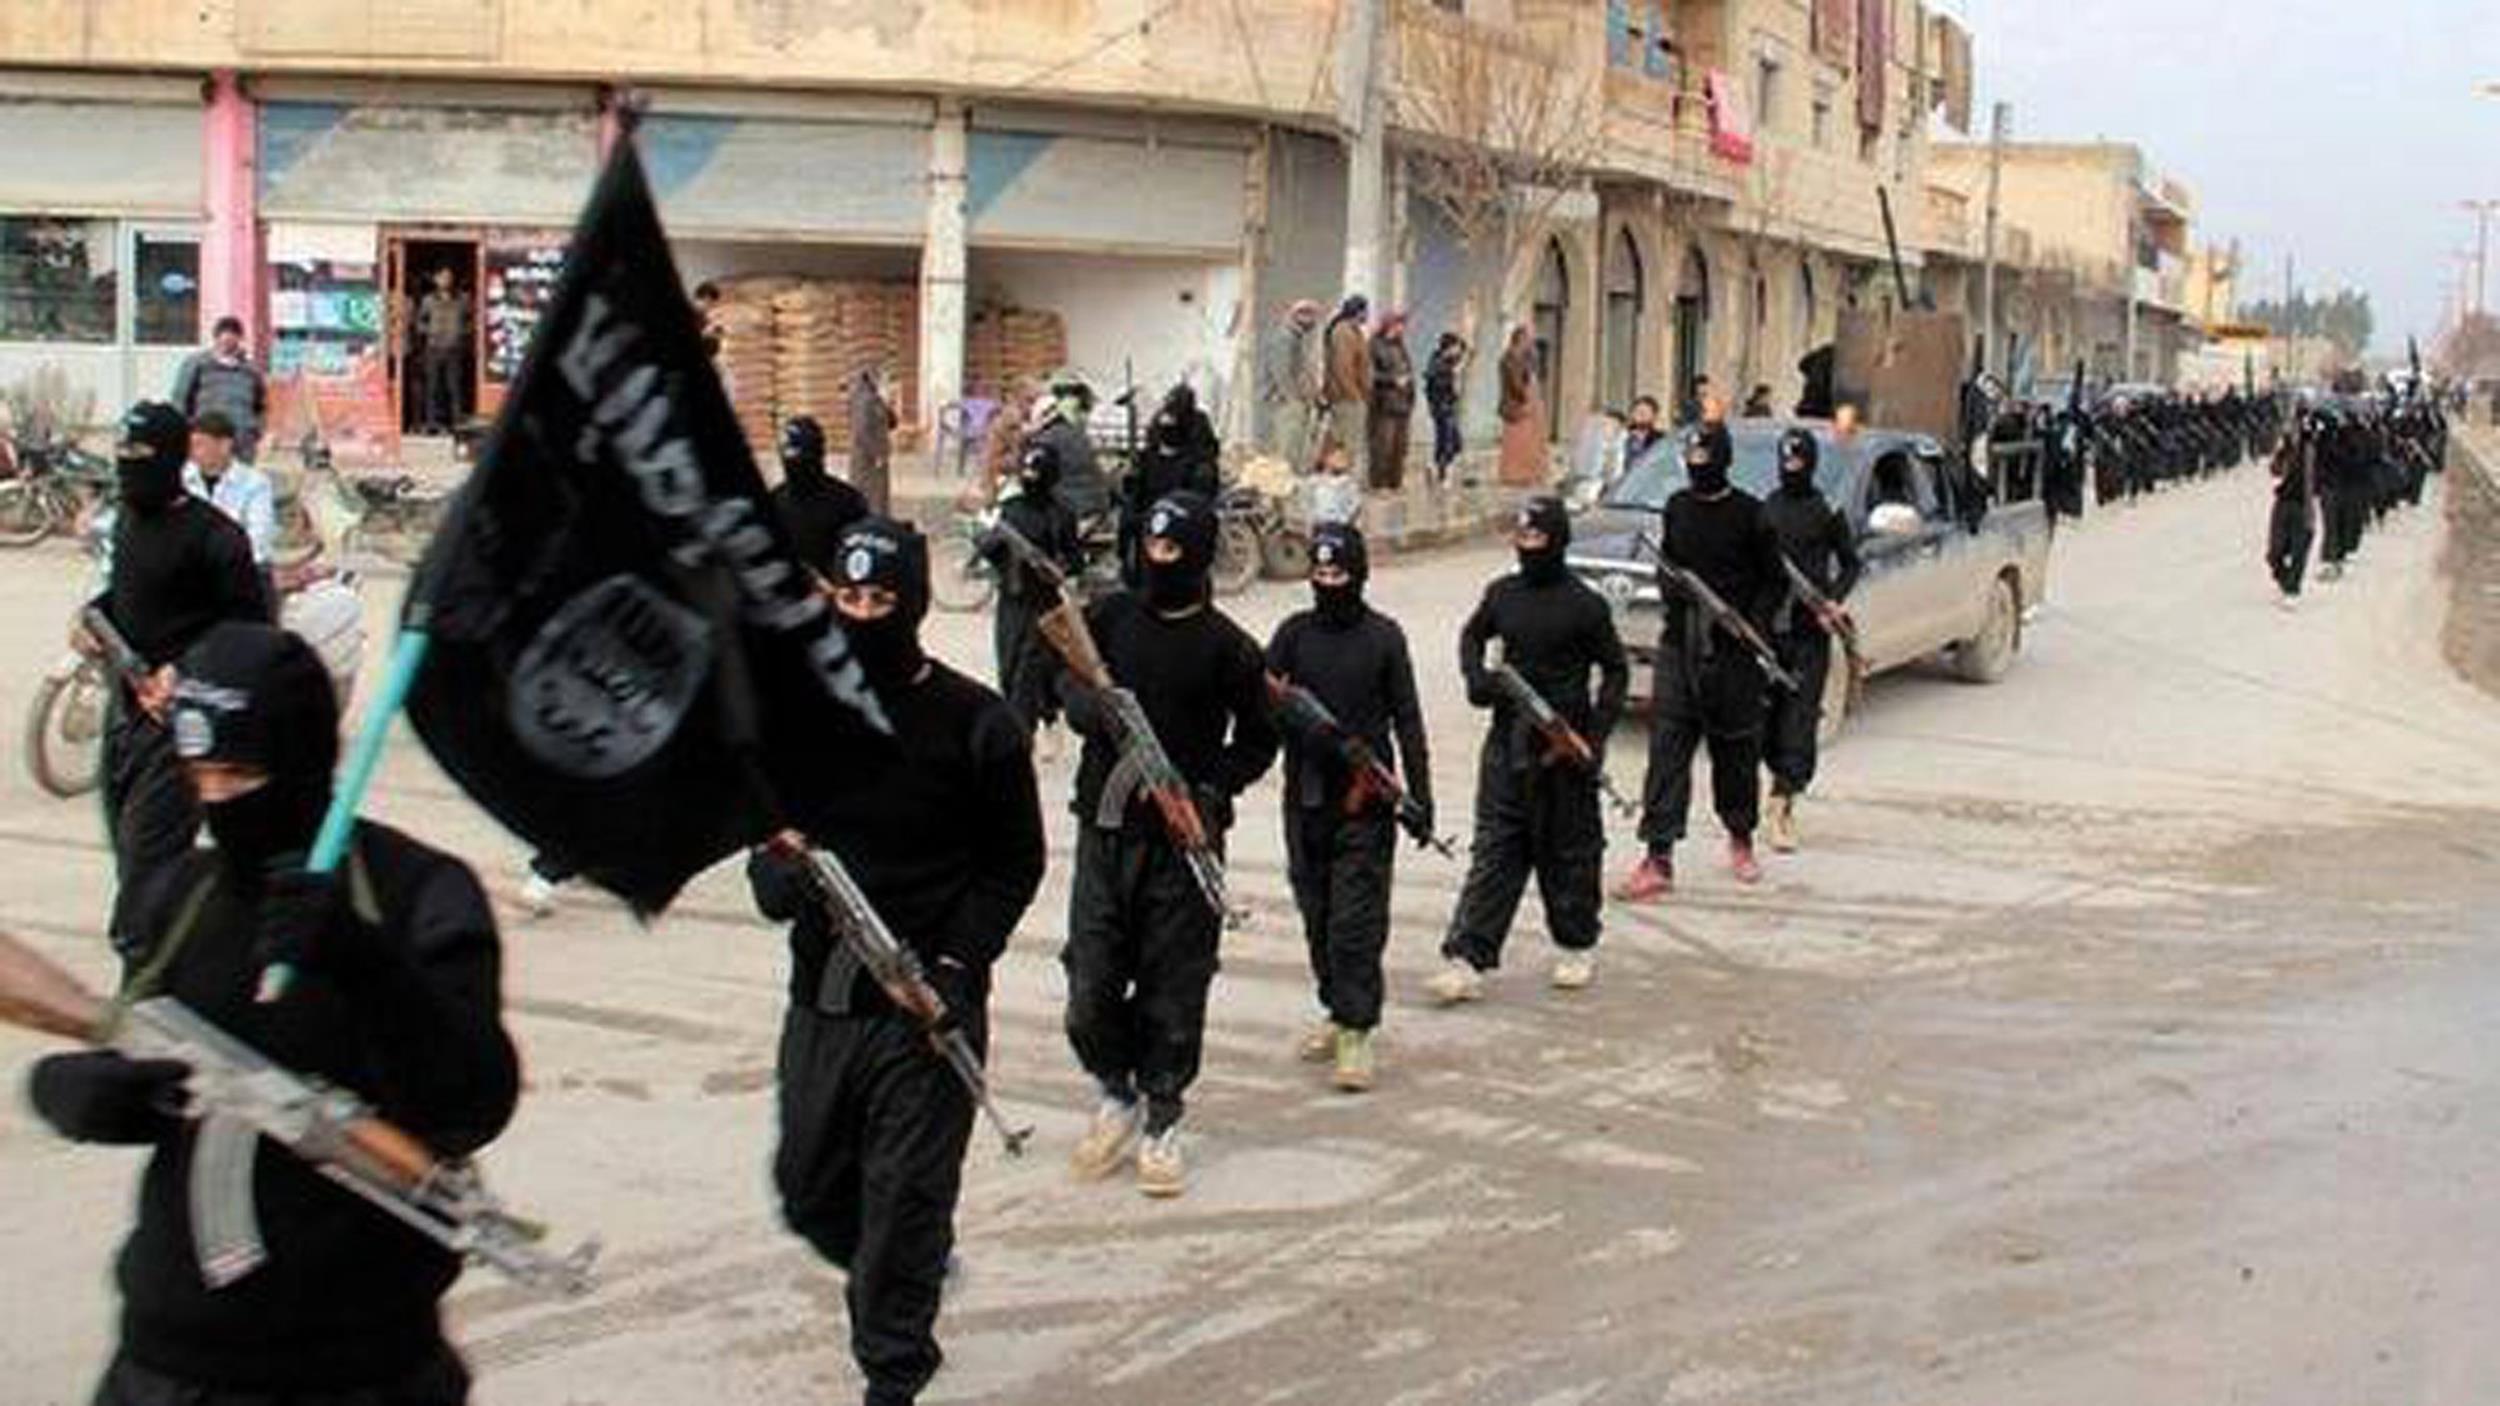 140922 isis raqqa syria jms 2124 6f06b70659018bd978a4298c39b438c7